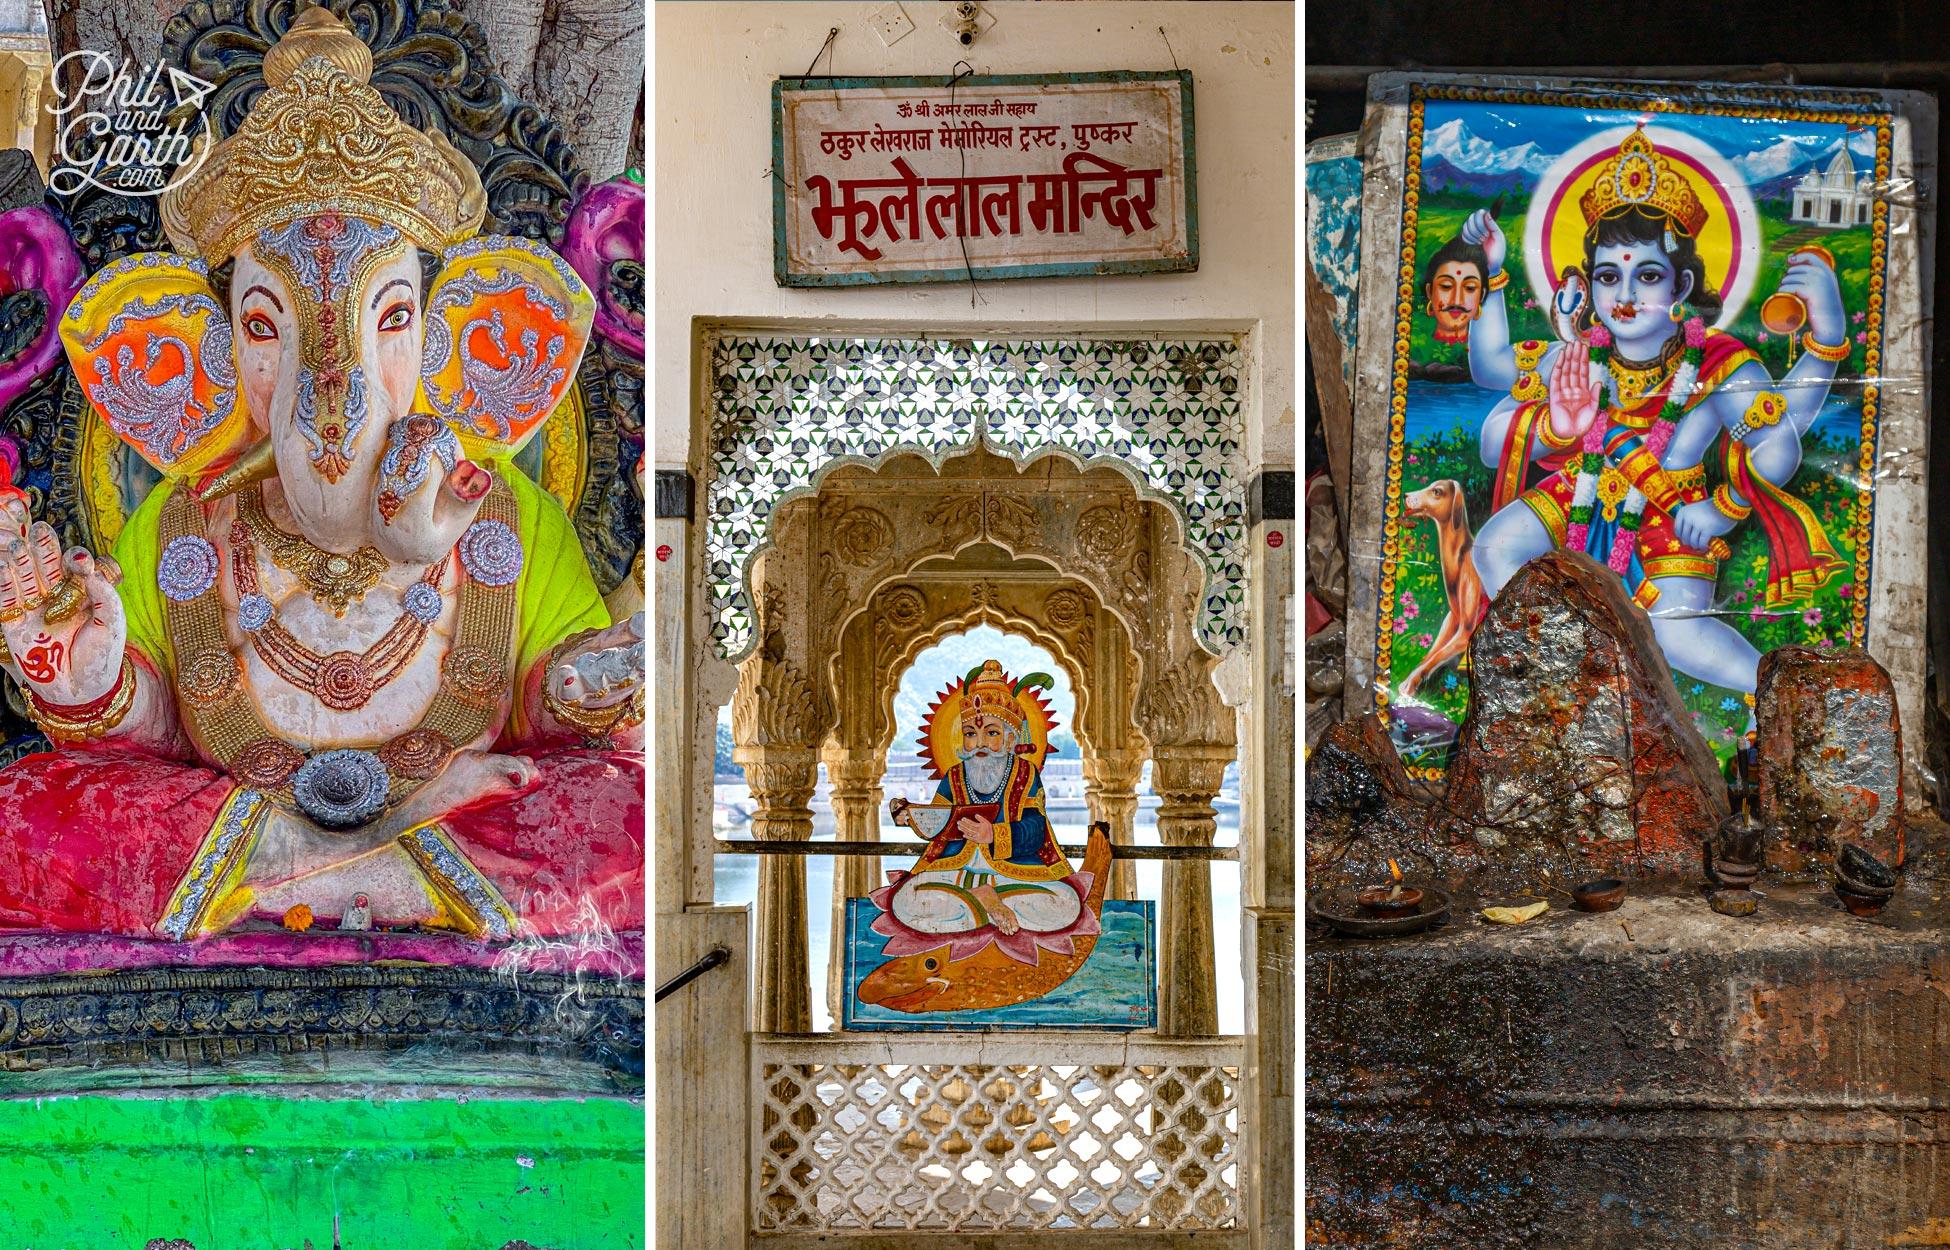 So many shrines to various gods all over Pushkar